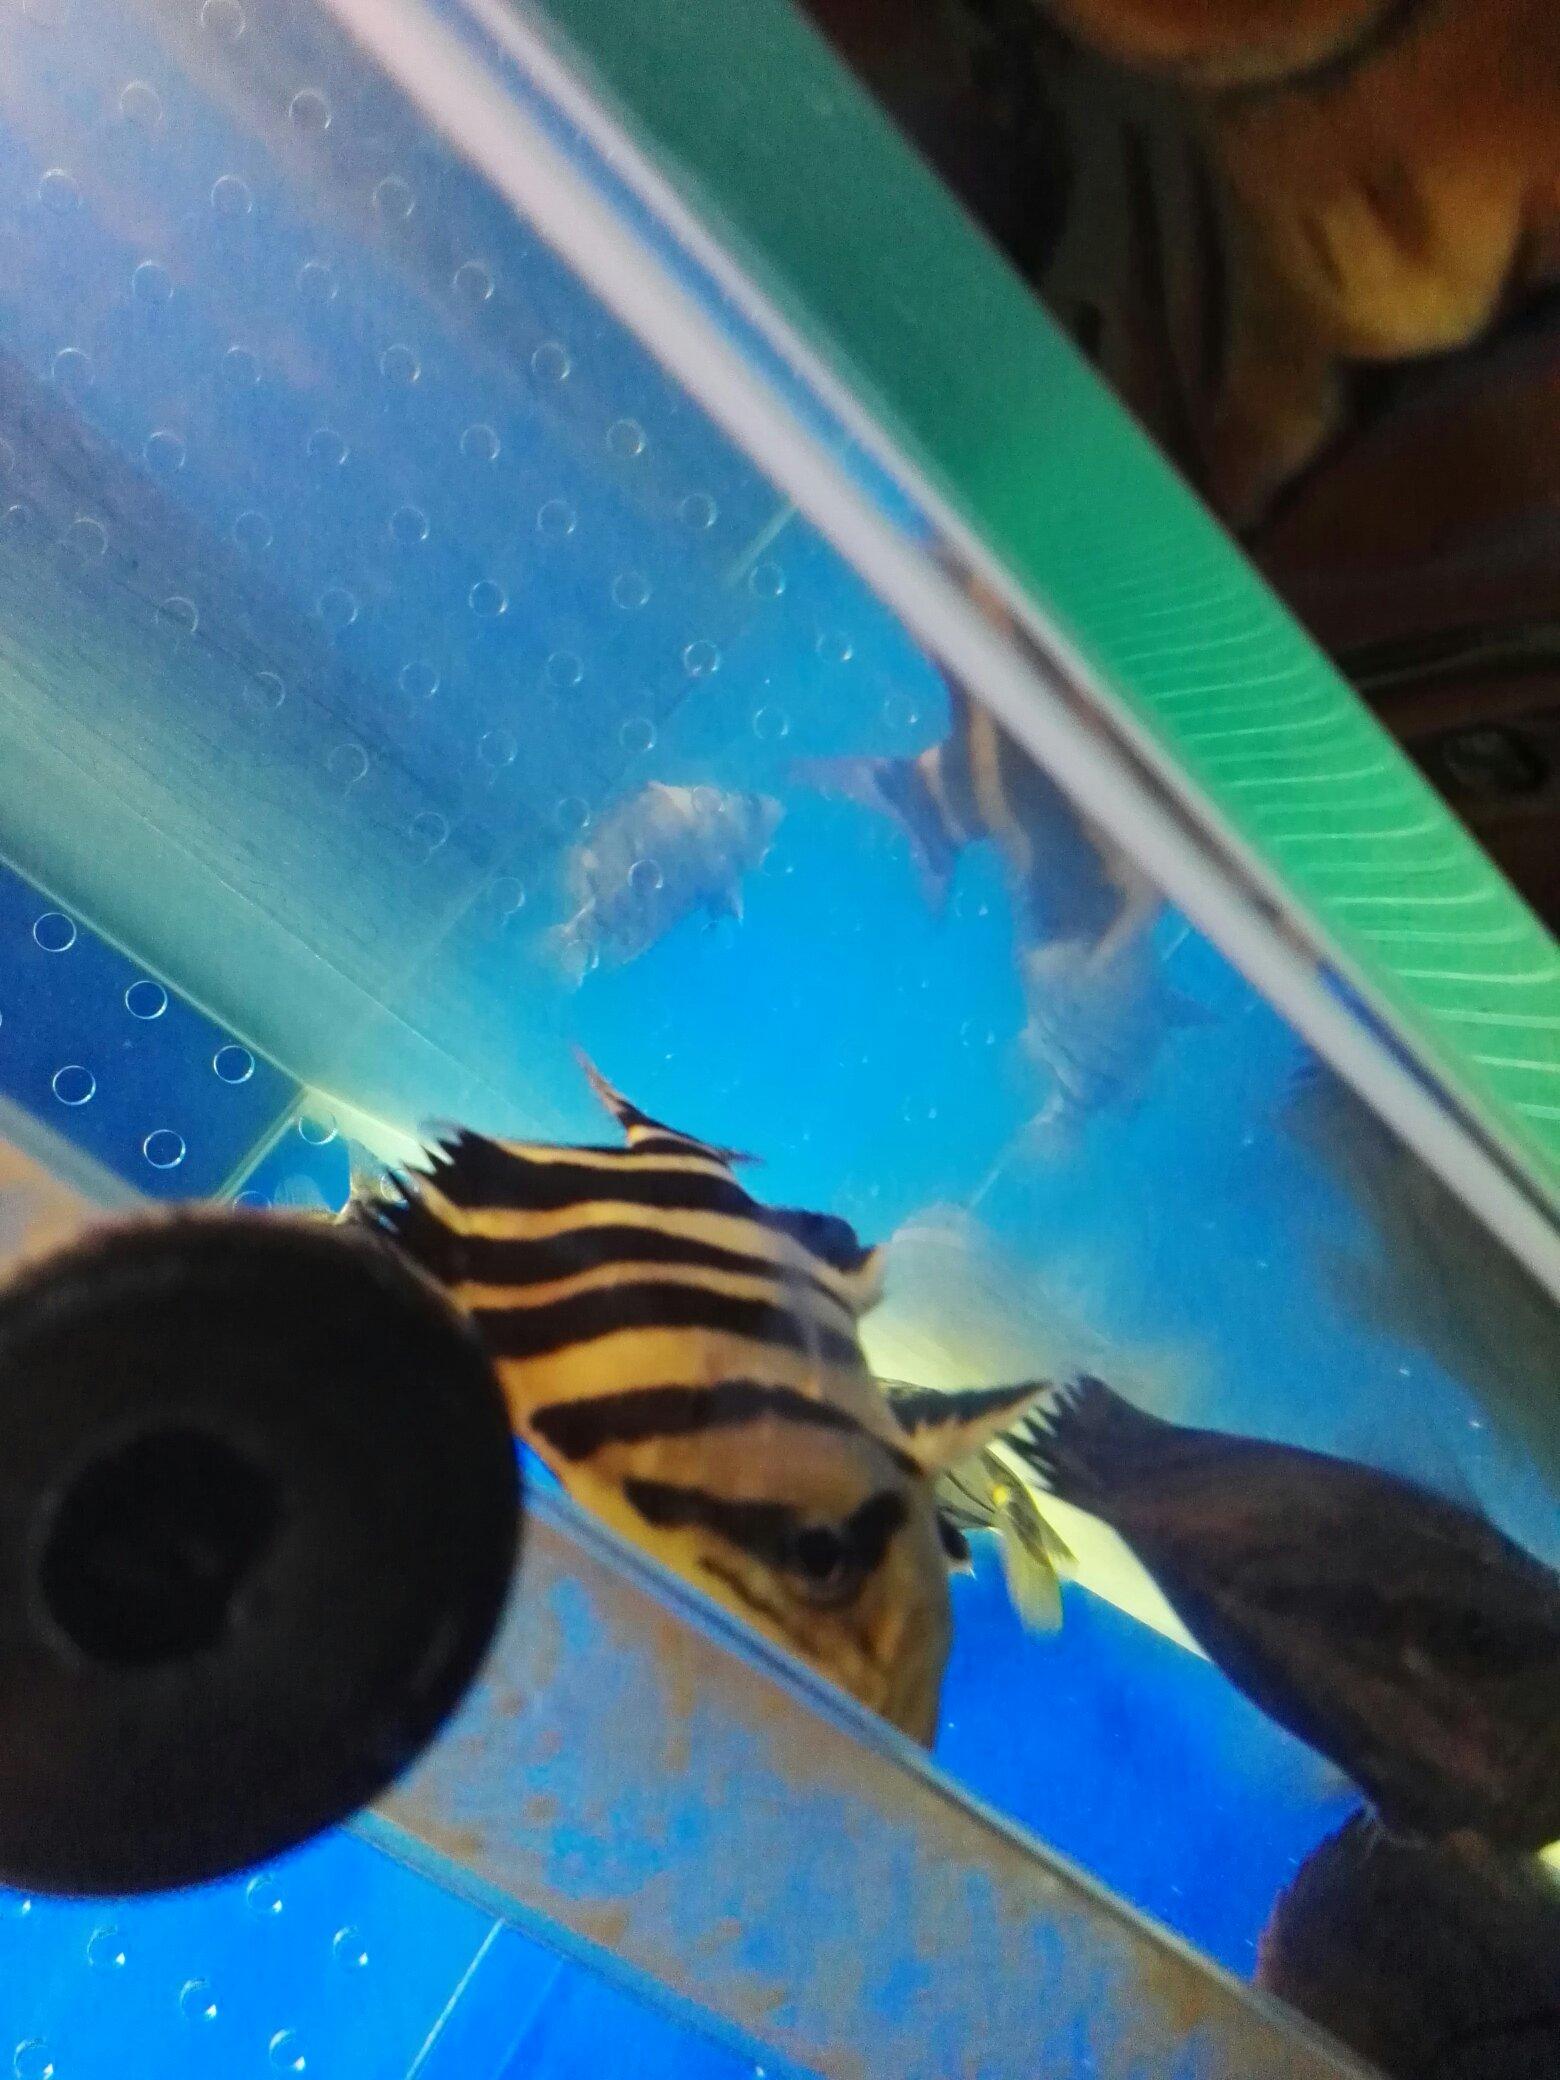 【西安慈鲷鱼】明虎如玉 西安龙鱼论坛 西安博特第2张